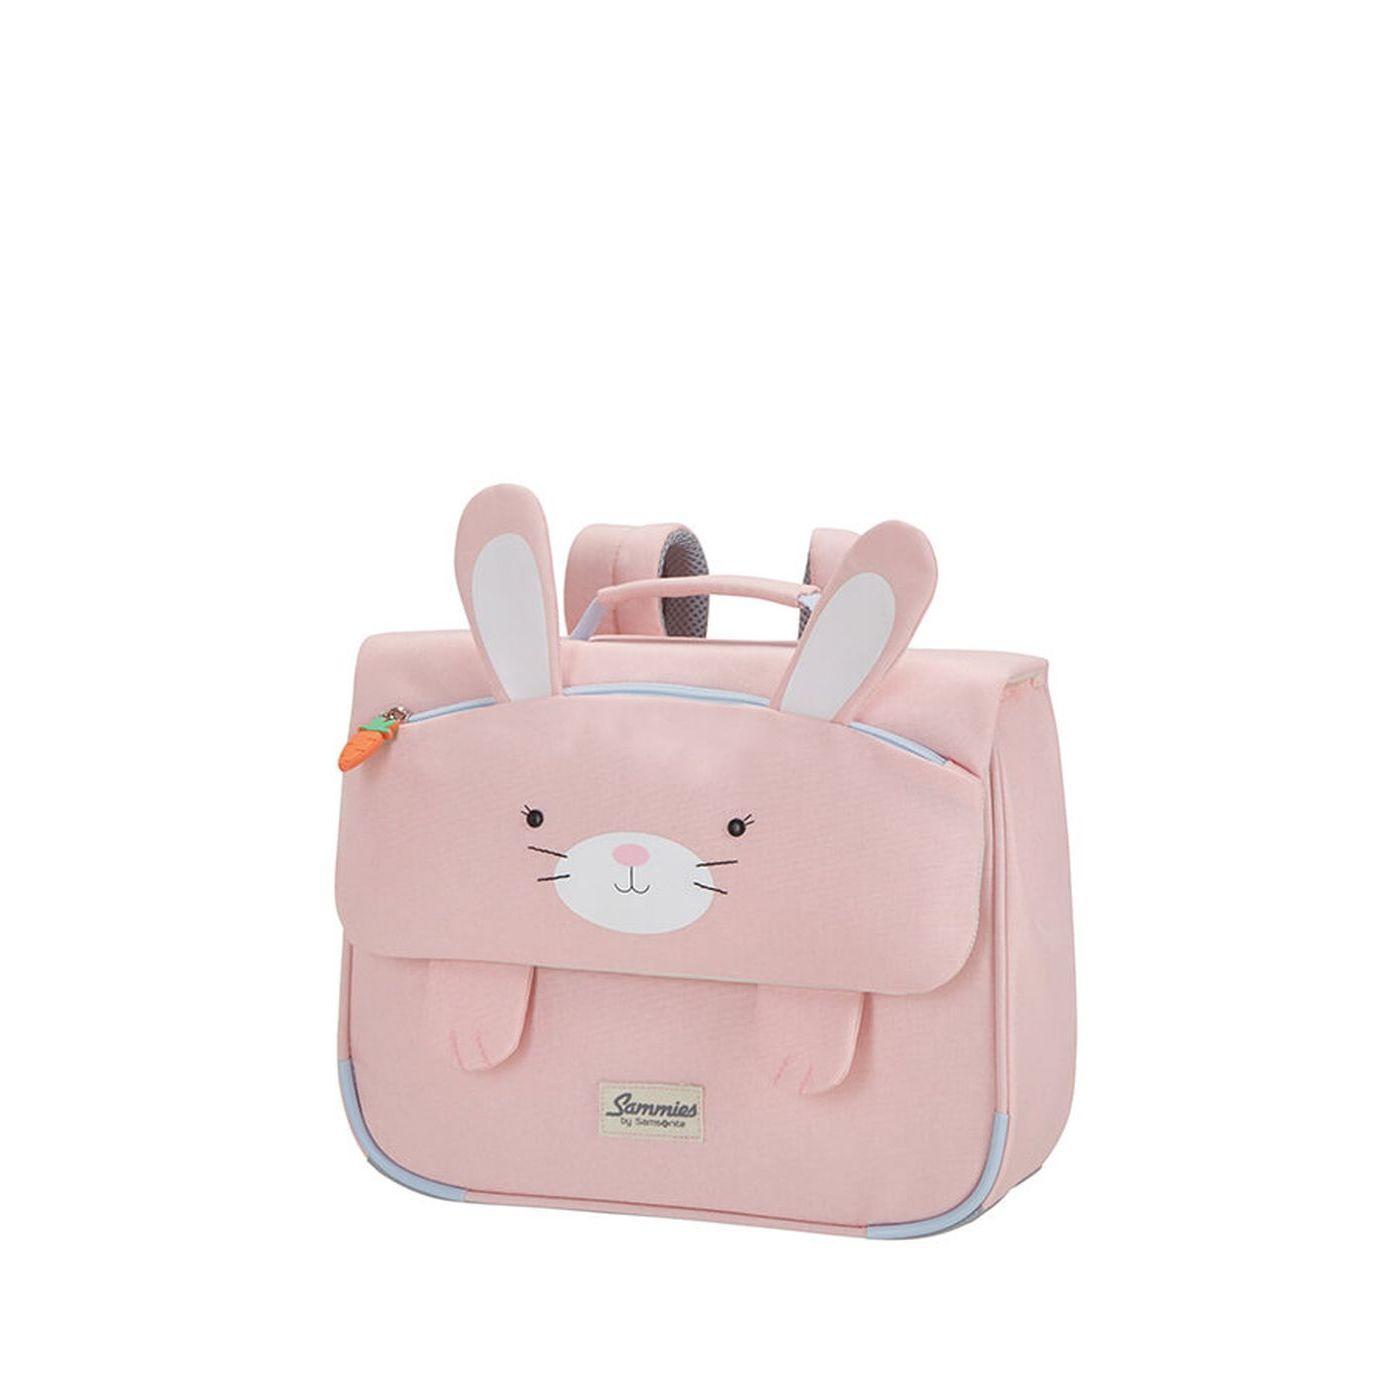 719f86a960 Detská školská taška Samsonite Happy Sammies Schoolbag S Rabbit Rosie  CD0 002